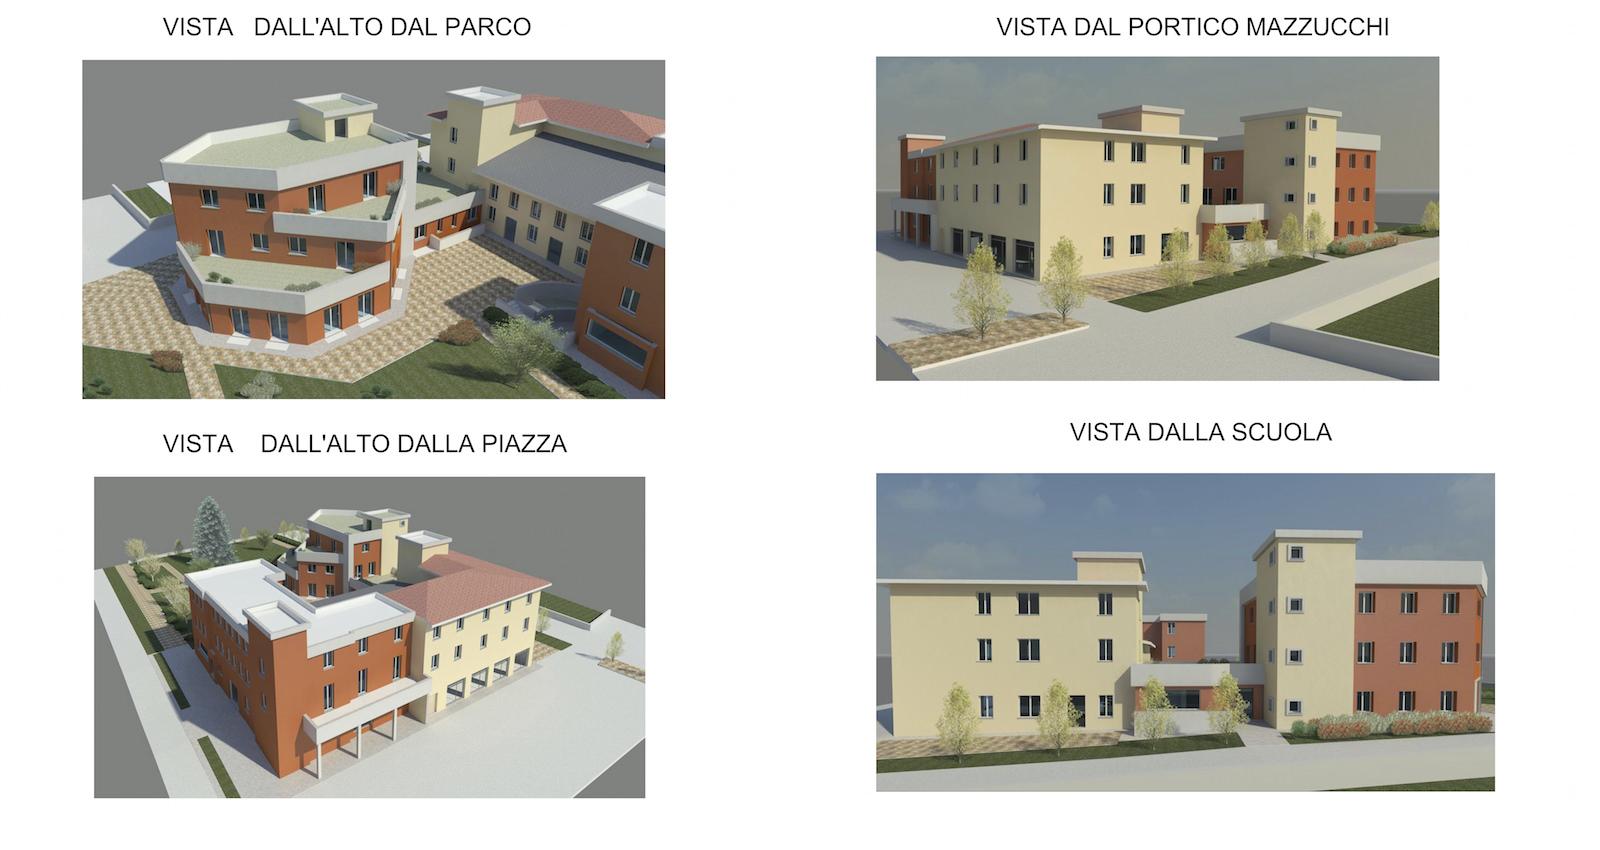 tav 5 rendering (Luca)